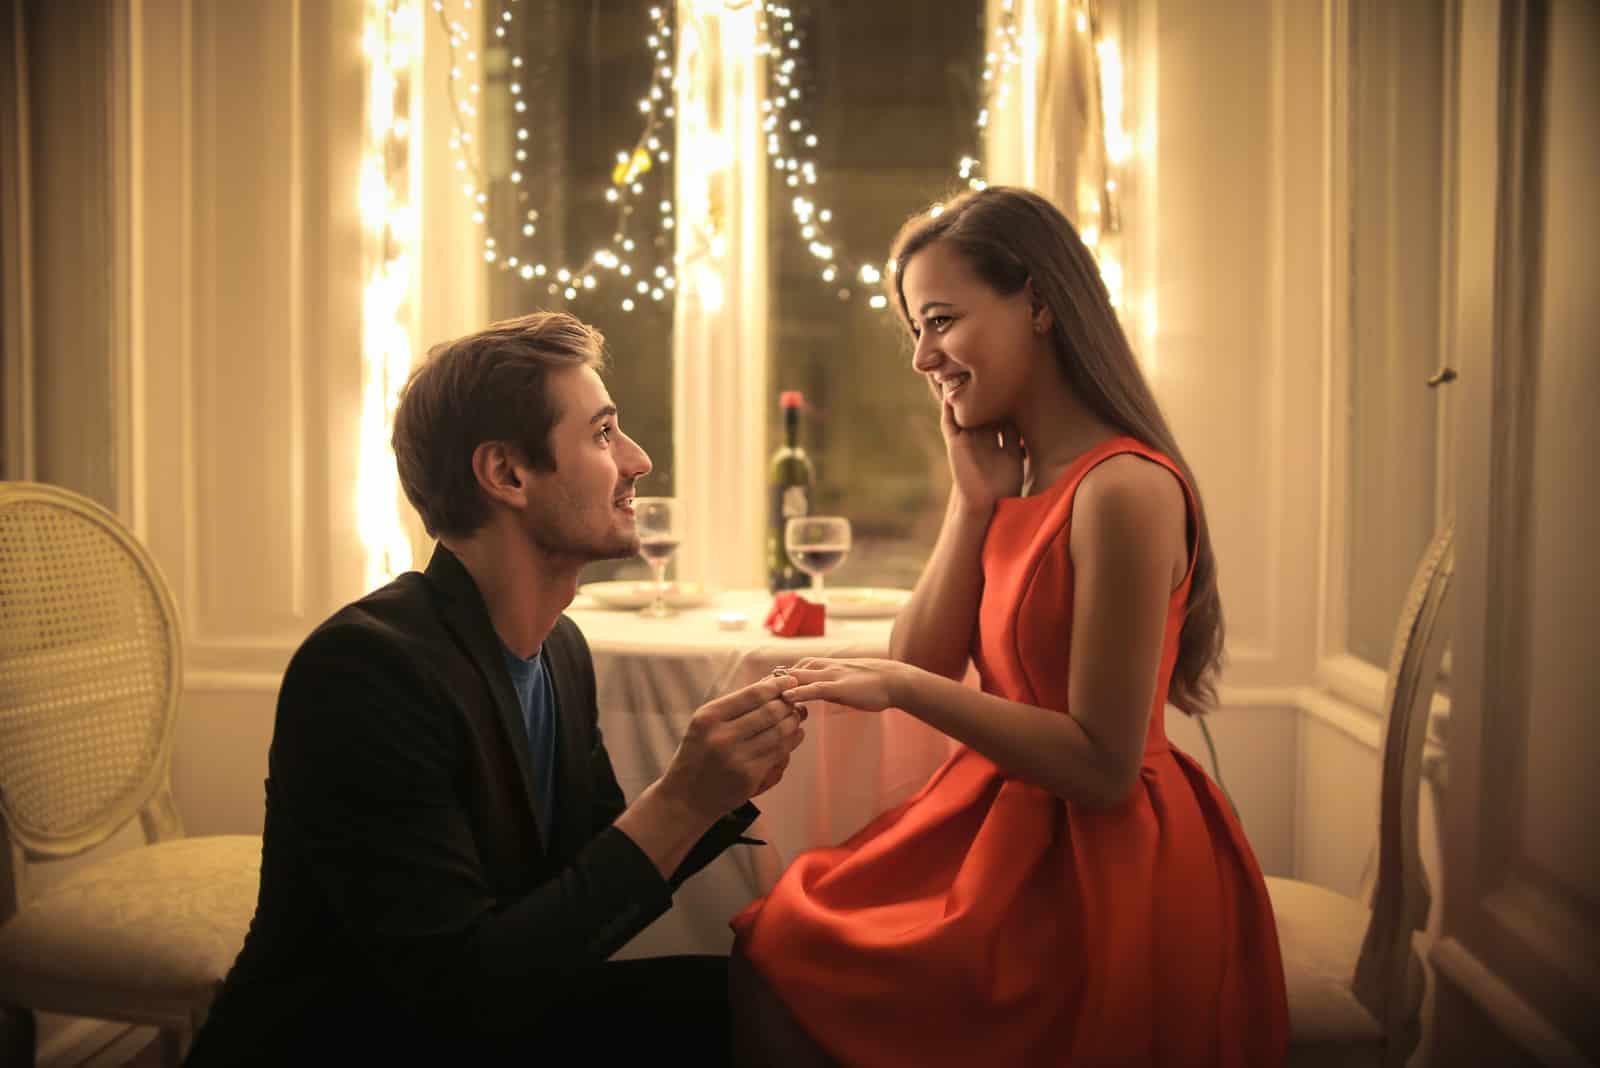 Hübscher Mann, der eine schöne Frau vorschlägt, um ihn in einem eleganten Restaurant zu heiraten